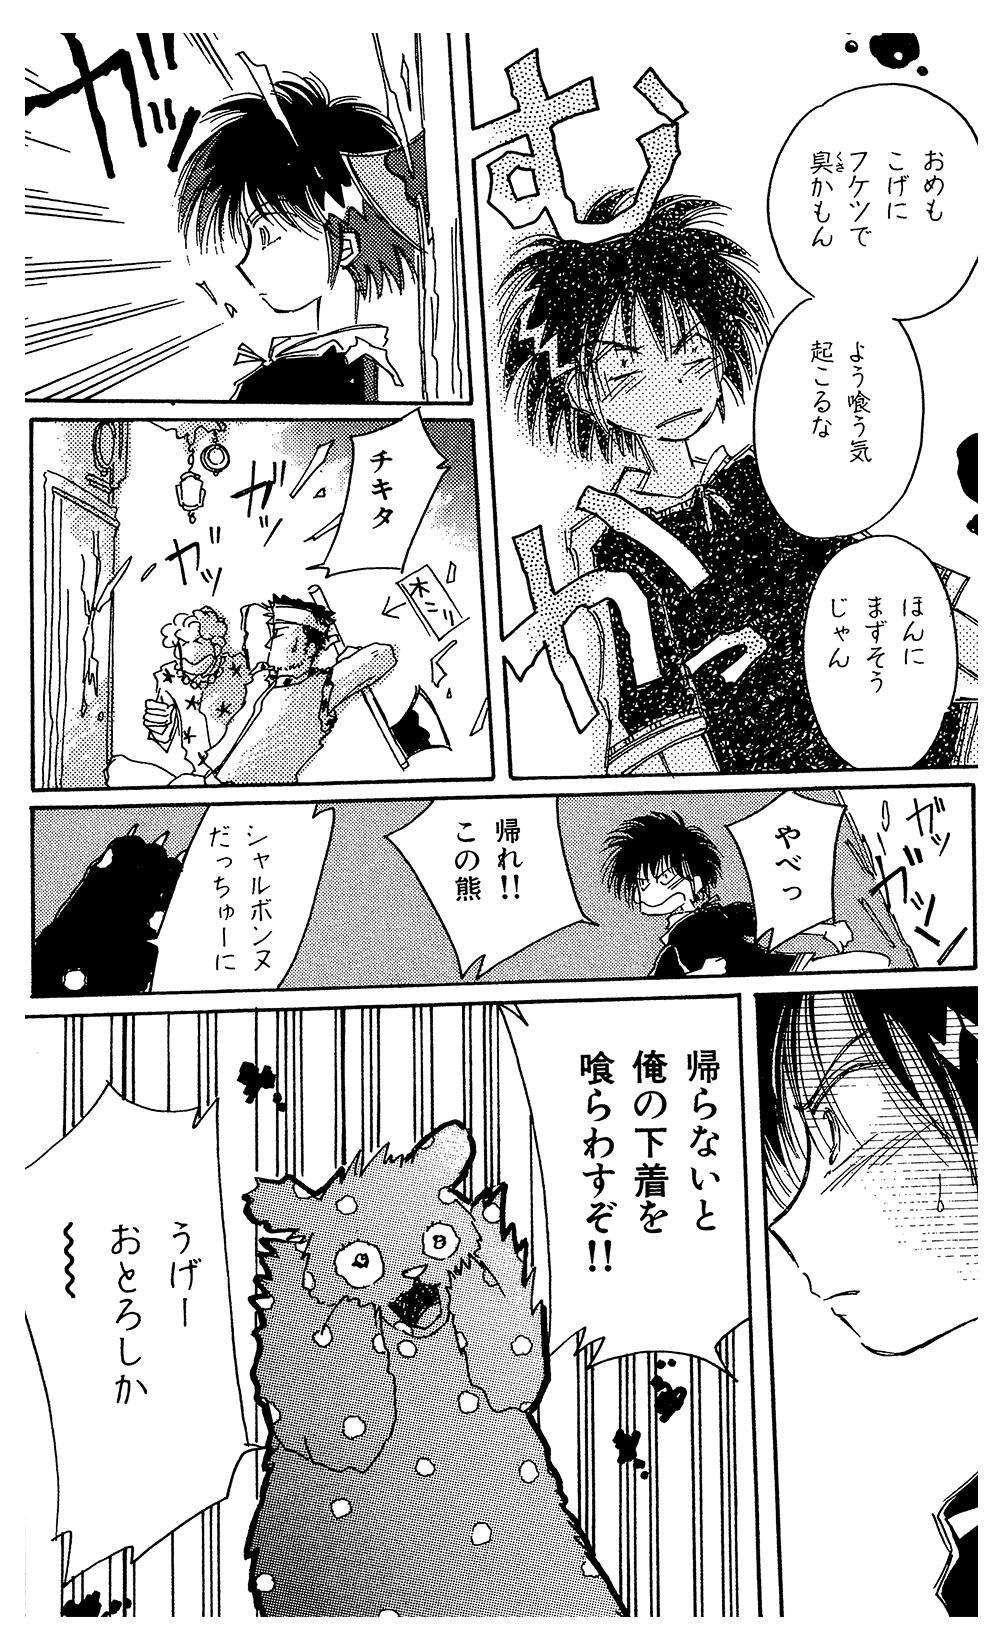 チキタ★GUGU 第3話chikitagg05-17.jpg